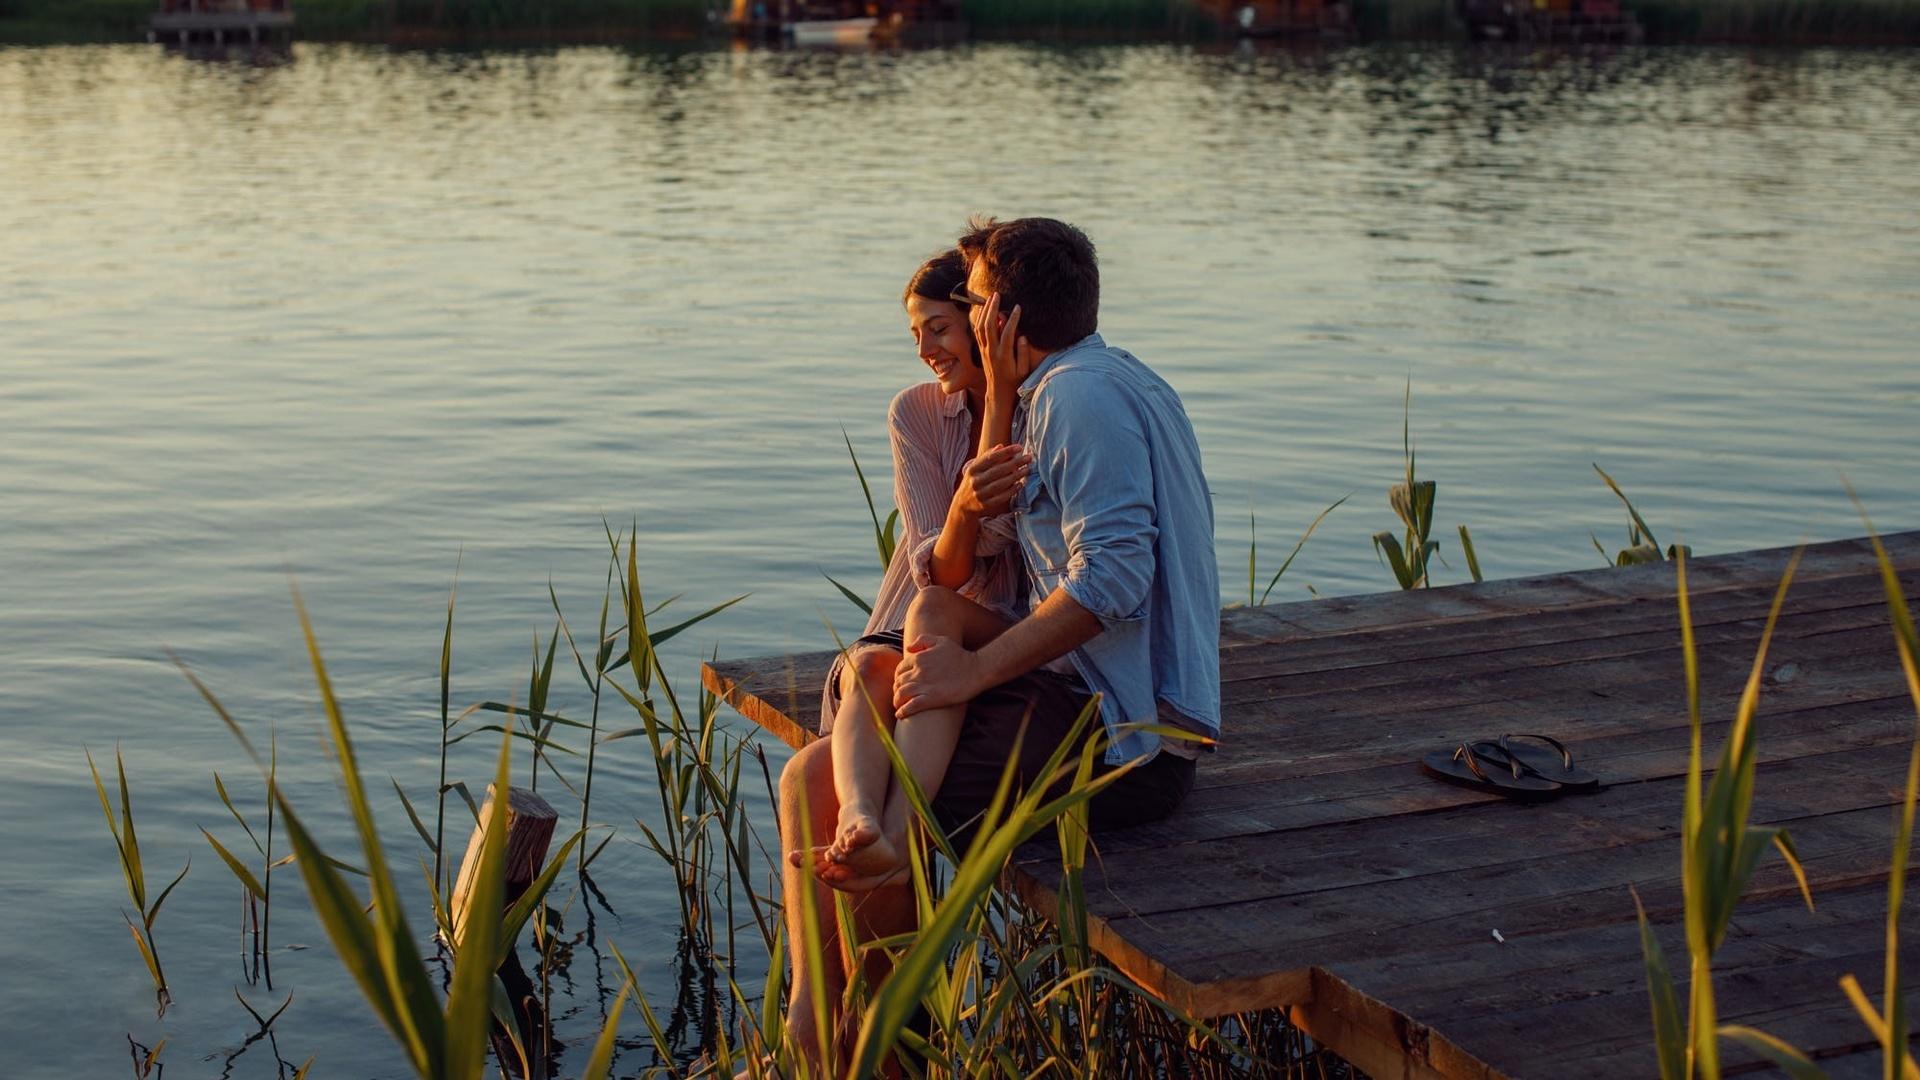 видео парень с девушкой на озере предлагаю вашему вниманию